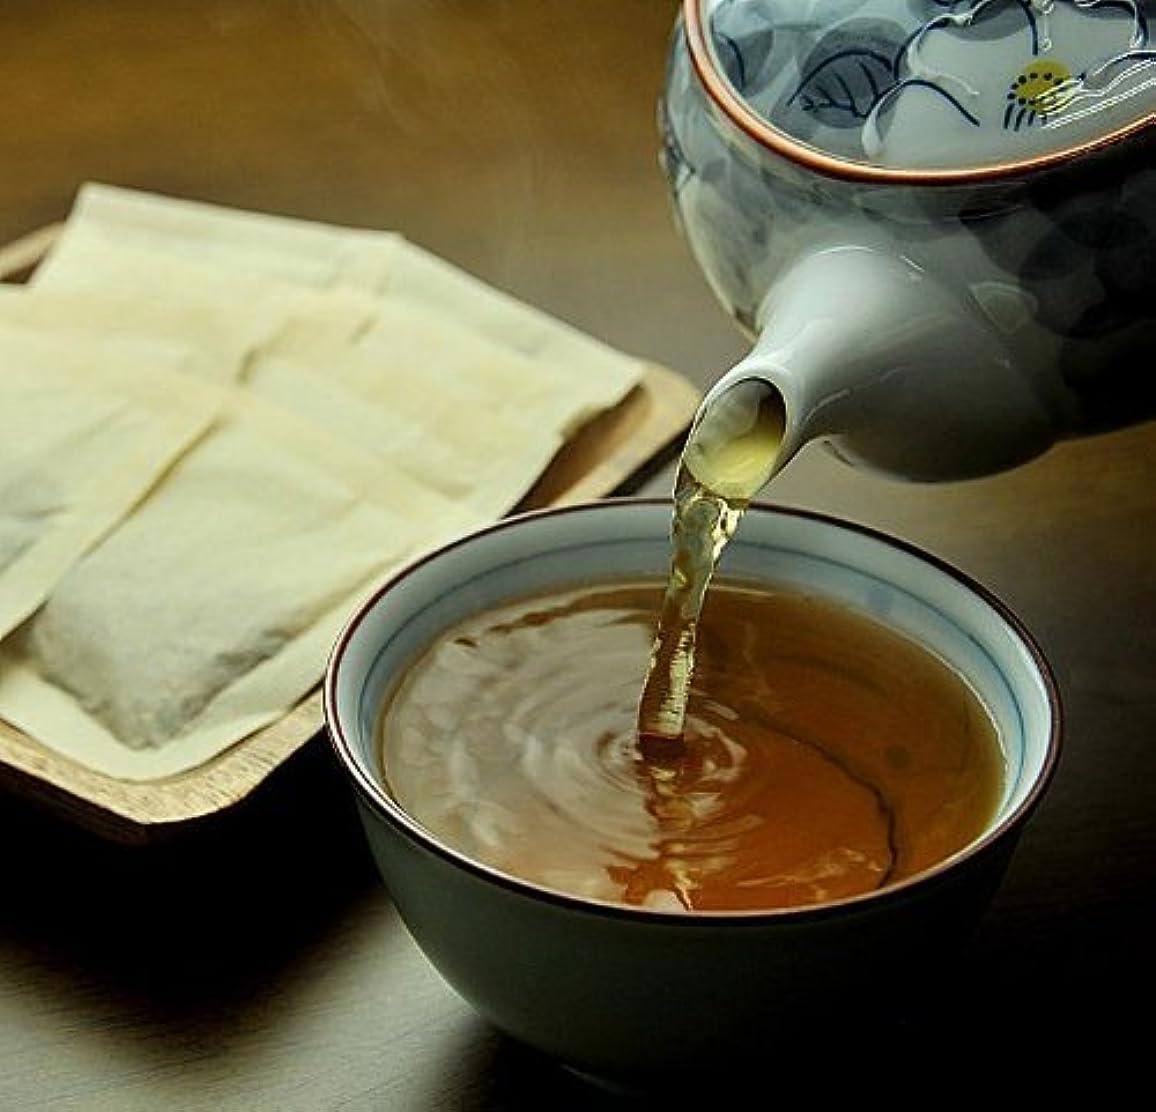 バックアップ取る脱走国産 ごぼう茶 お徳用 無添加 無着色 2.5g×(30+20増量)袋入り